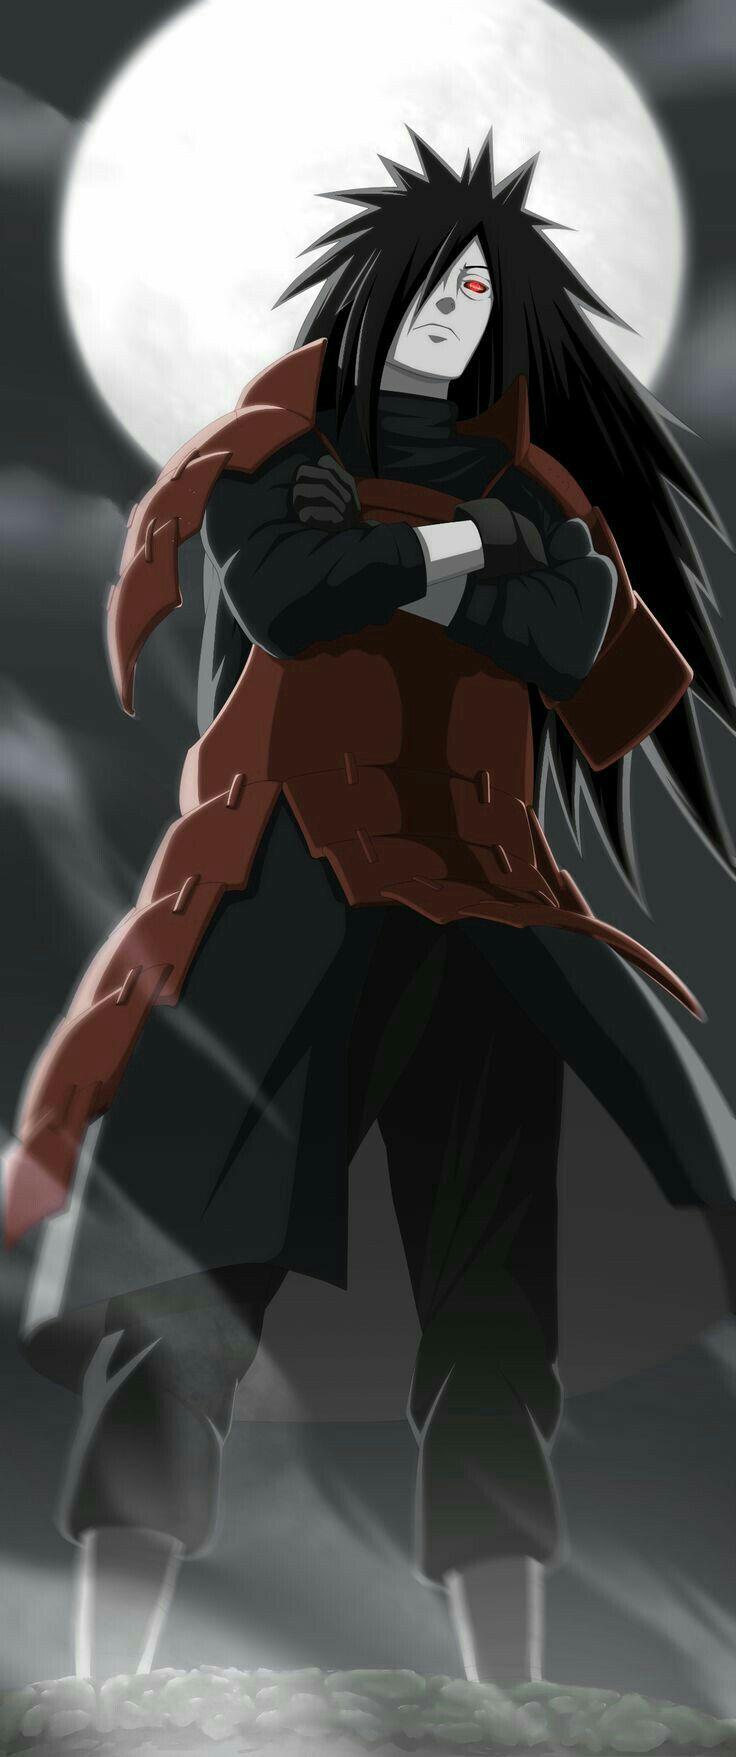 Madara Uchiha #naruto   Anime, Naruto uzumaki e Itachi uchiha